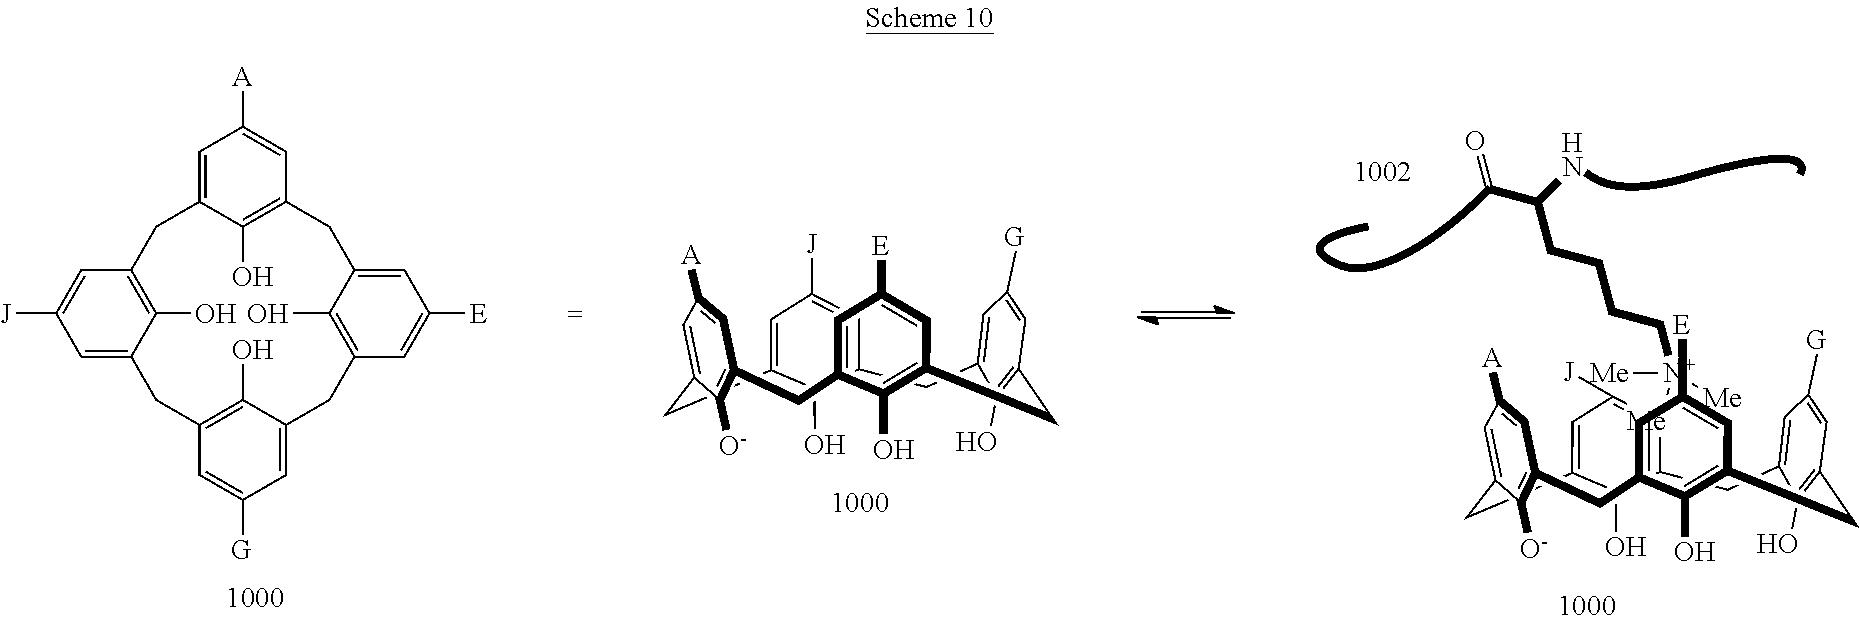 Figure US20170052154A1-20170223-C00129